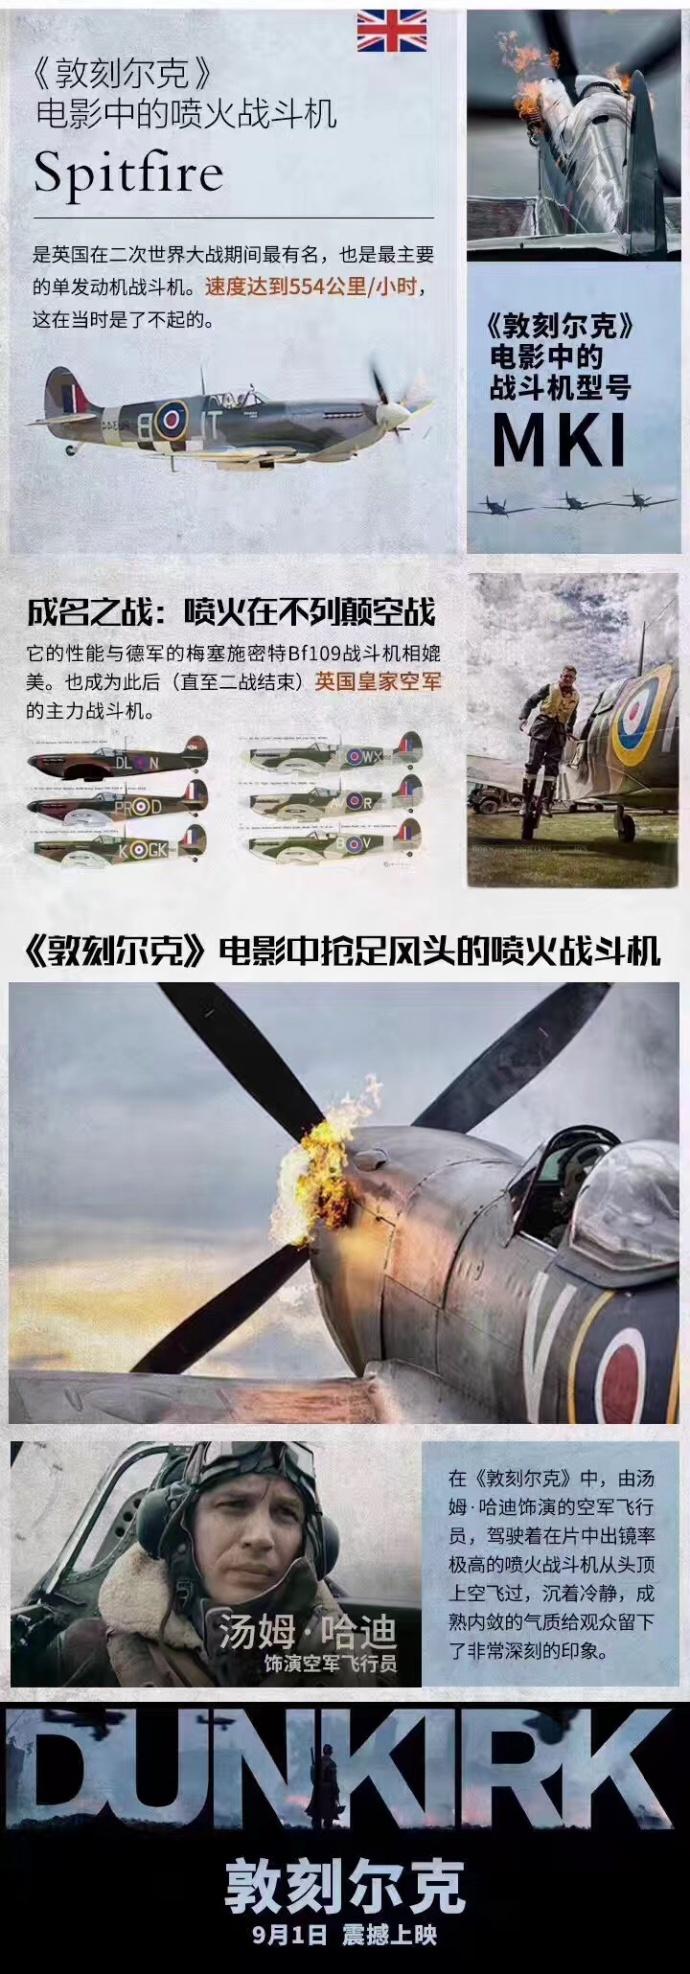 《敦刻尔克》上演刺激空中对决,全新中文制作特辑燃爆释出